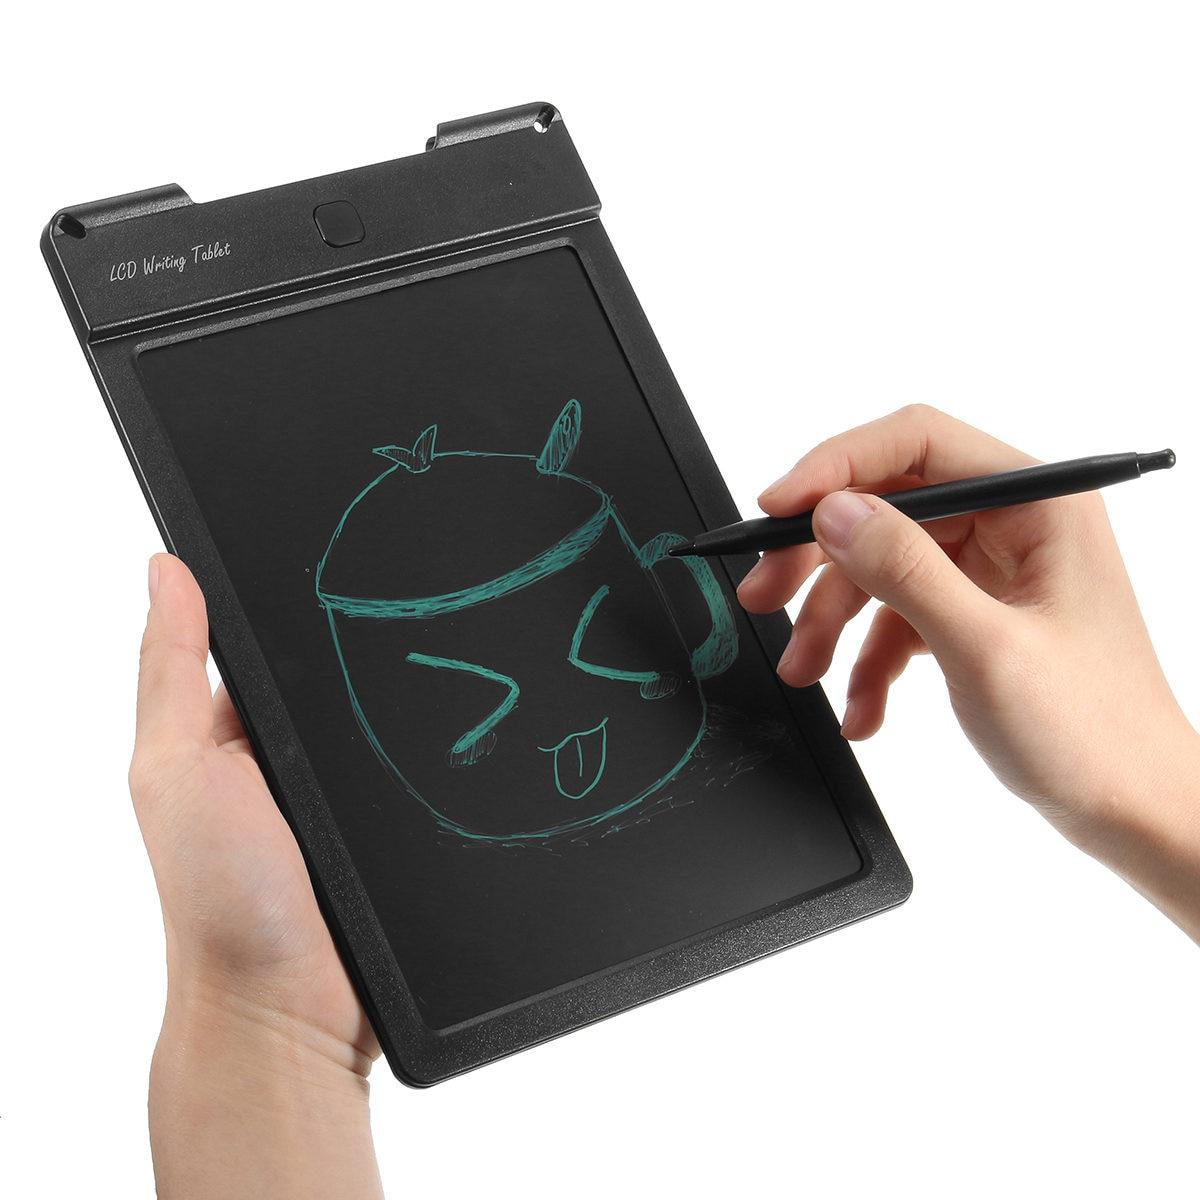 9/13 אינץ LCD הכתיבה לצריבה חוזרת Pad רפידות טיוטת יצירות אמנות APP eWriter לערוך ציור דיגיטלי ציור כתב יד עם עט